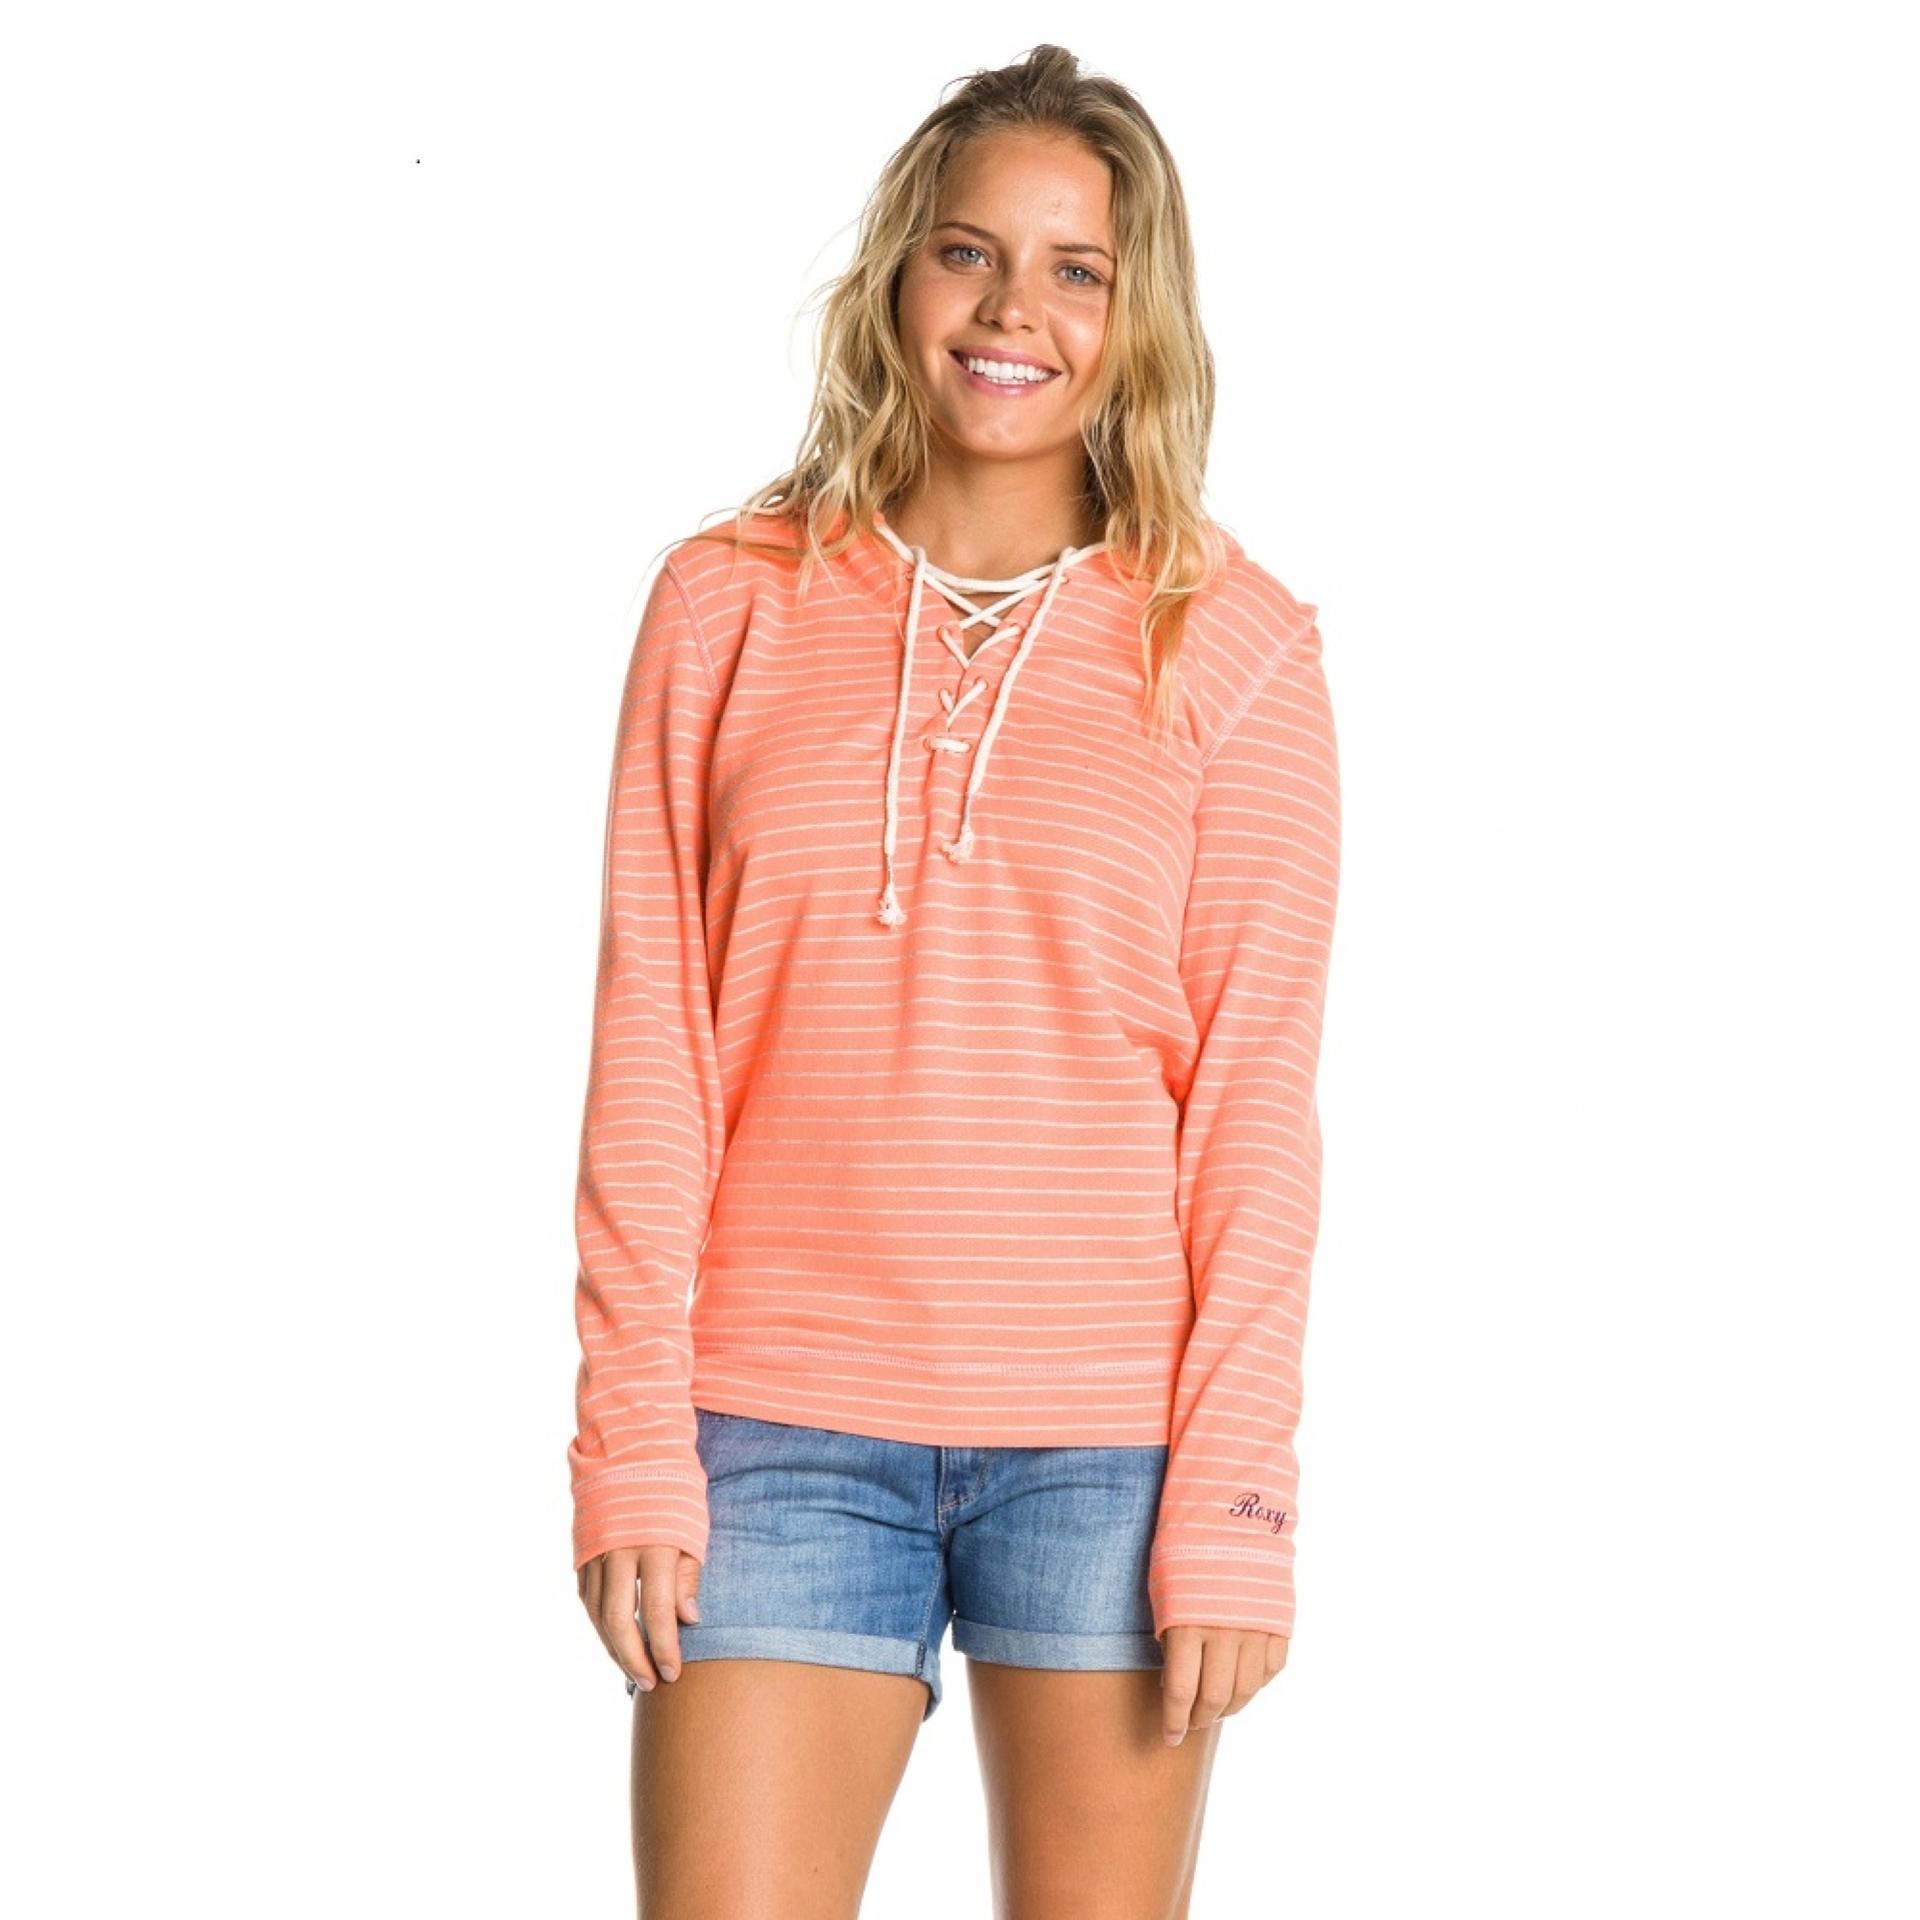 Bluza Roxy Beach Party Fleece pomarańczowa